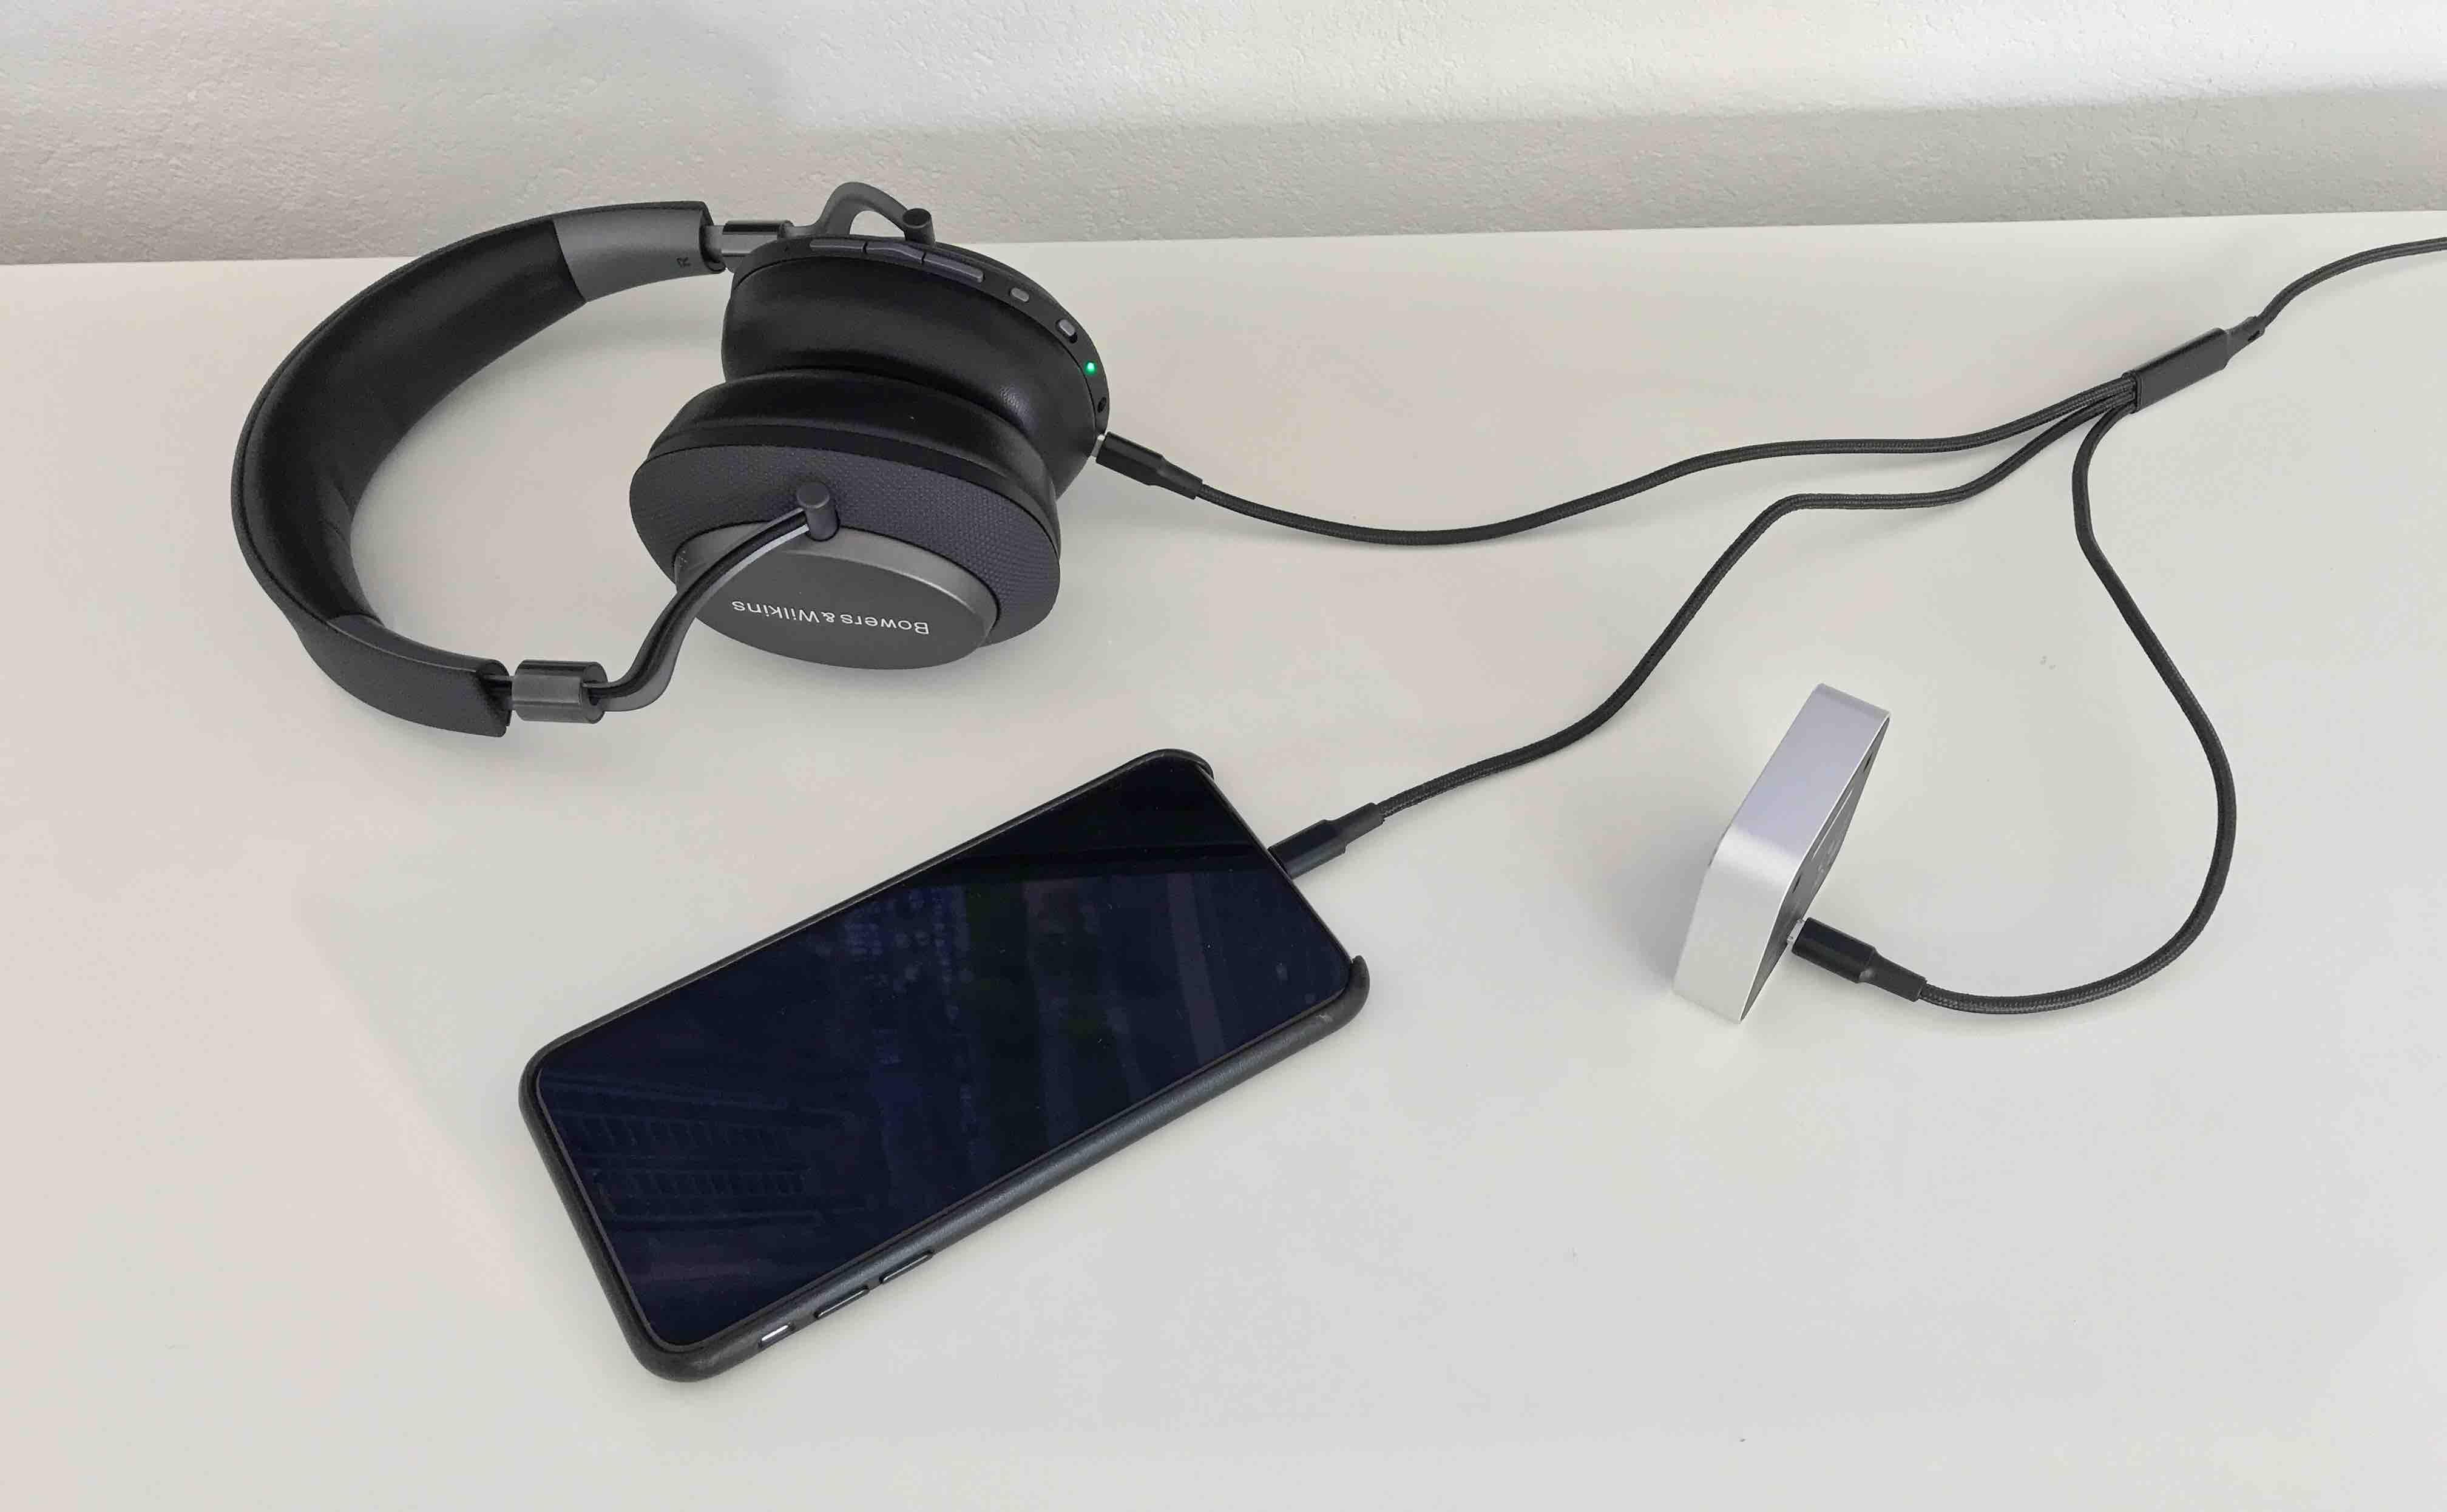 Smrter_3_in_1_Ladekabel_Review2 3-in-1-Ladekabel von Smrter - Lightning, USB-C und micro-USB mit einem Kabel